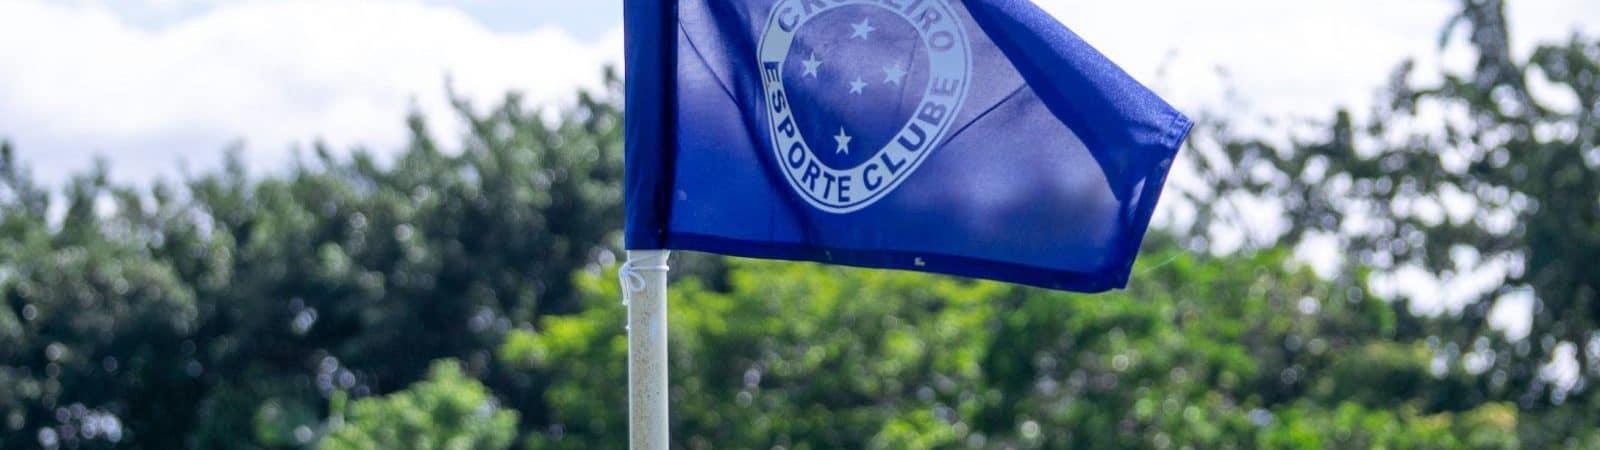 Bandeira do Cruzeiro Esporte Clube